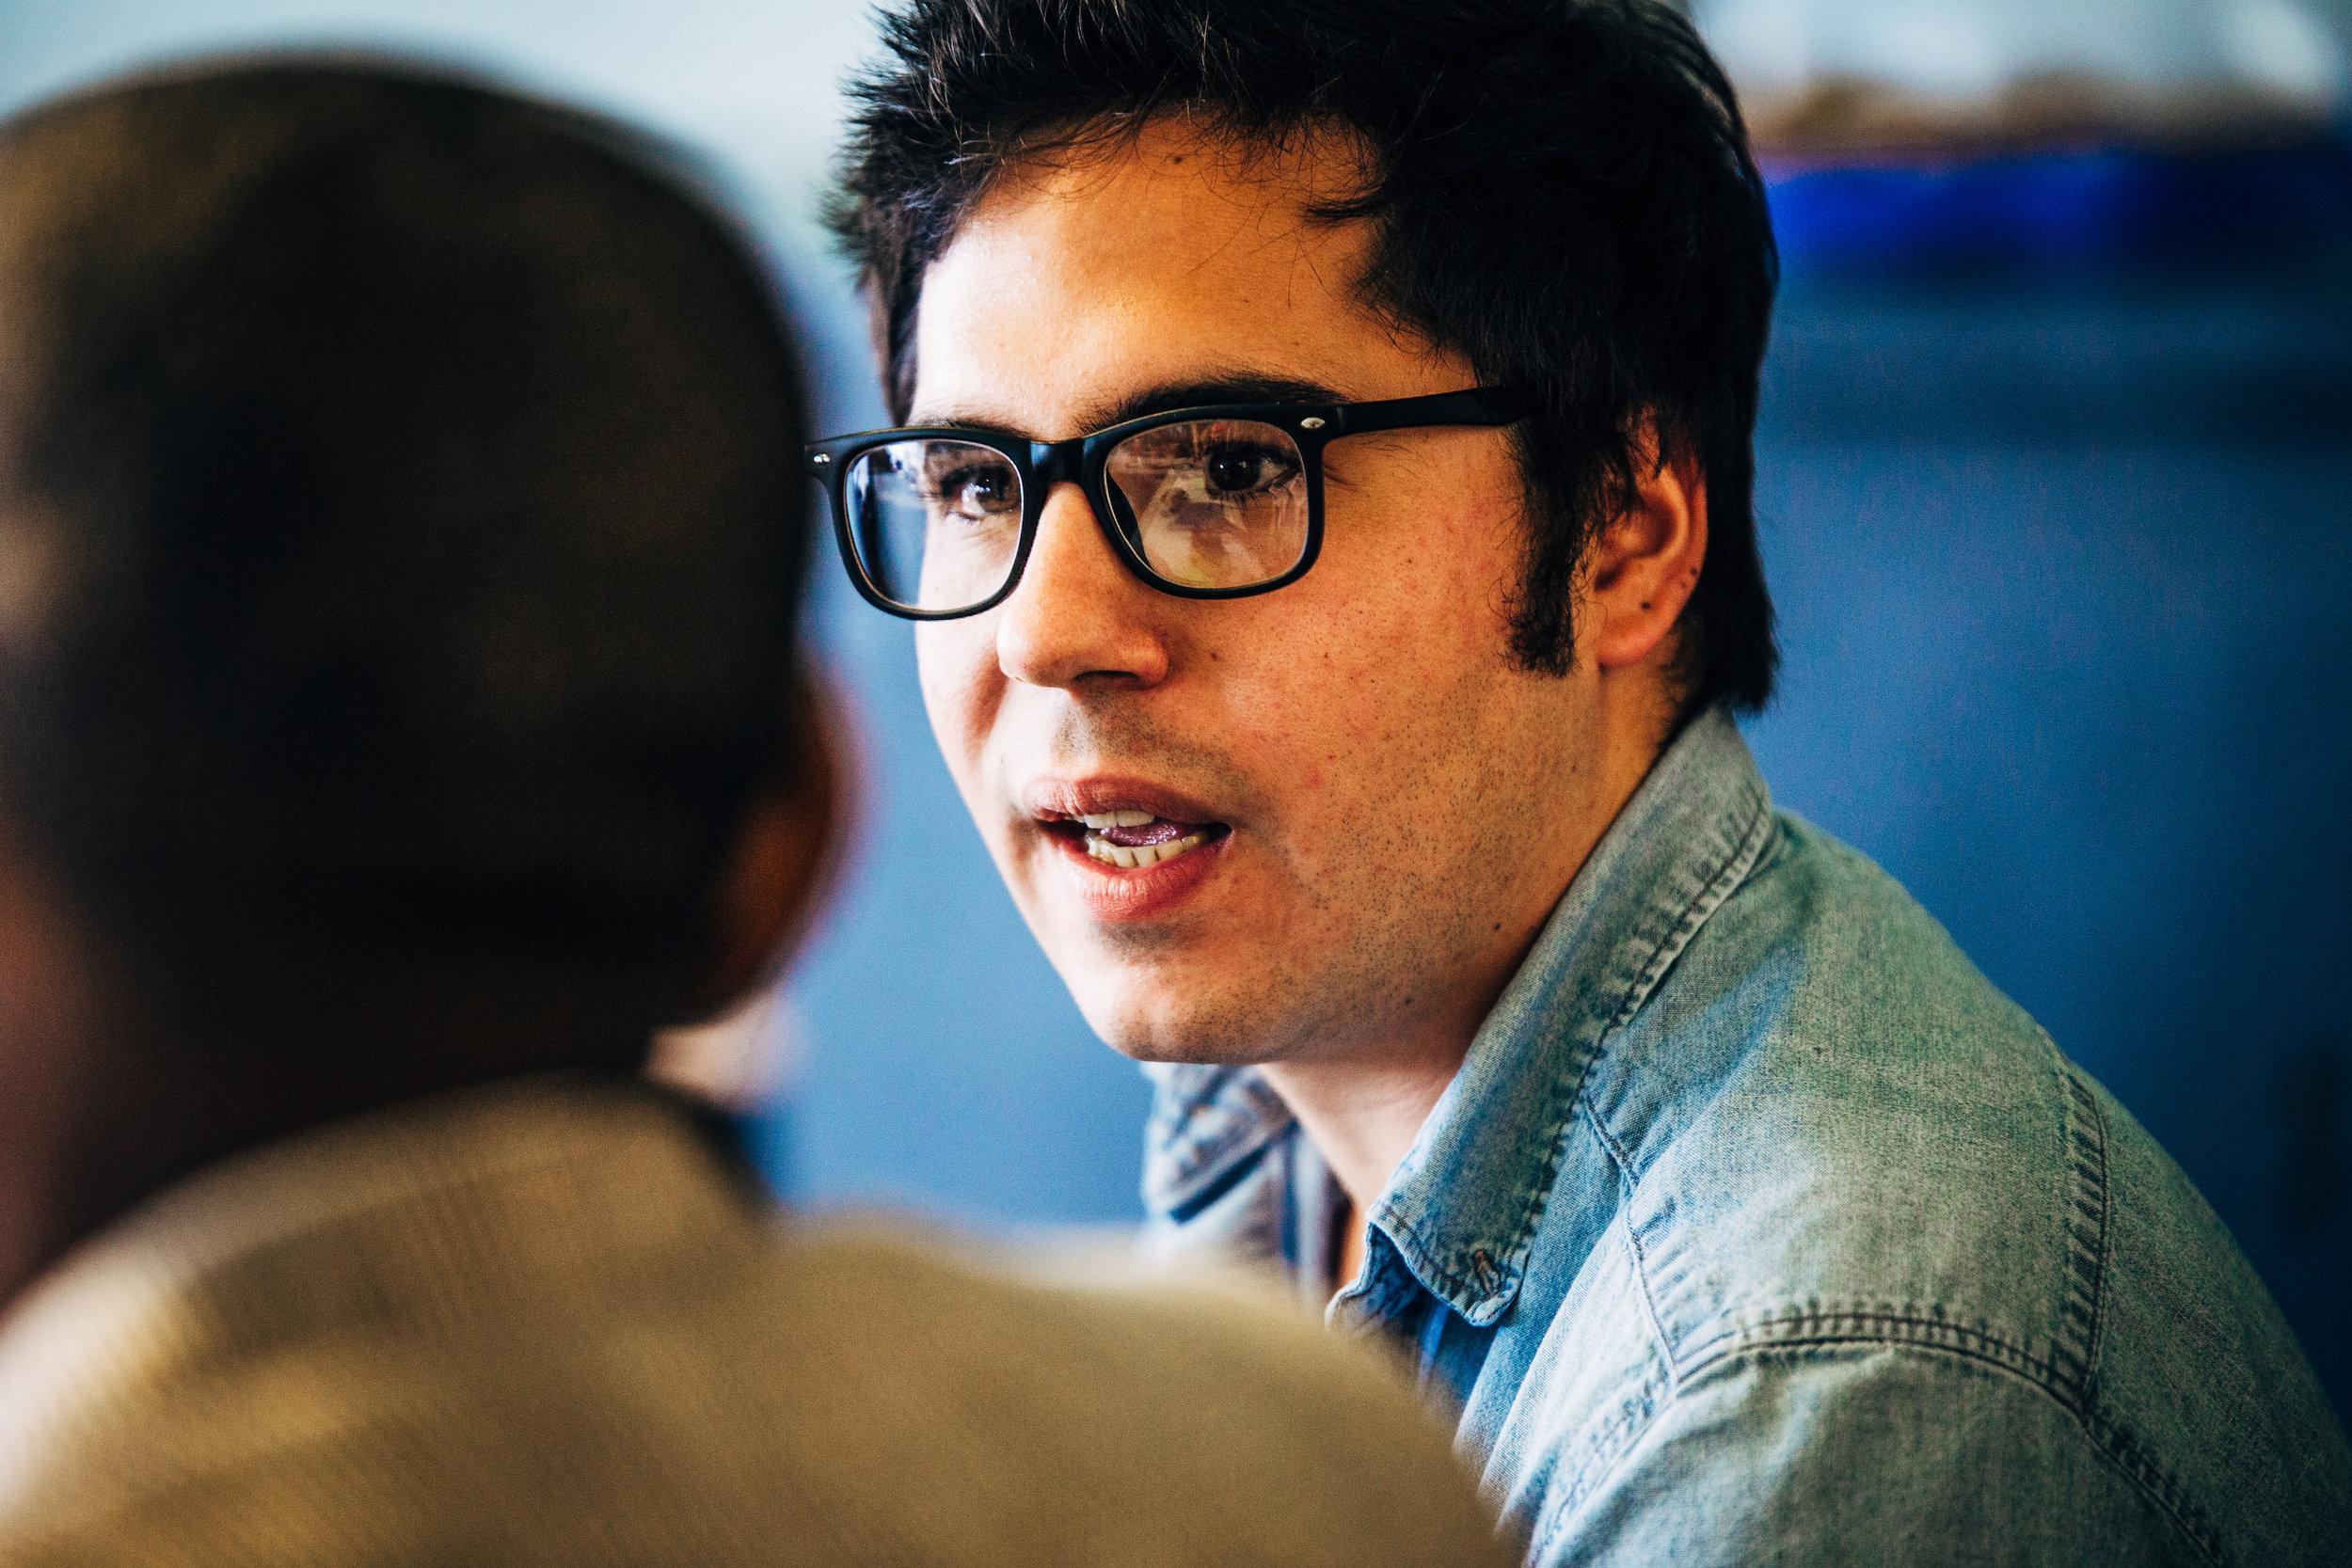 Writer Ben Jaramillo